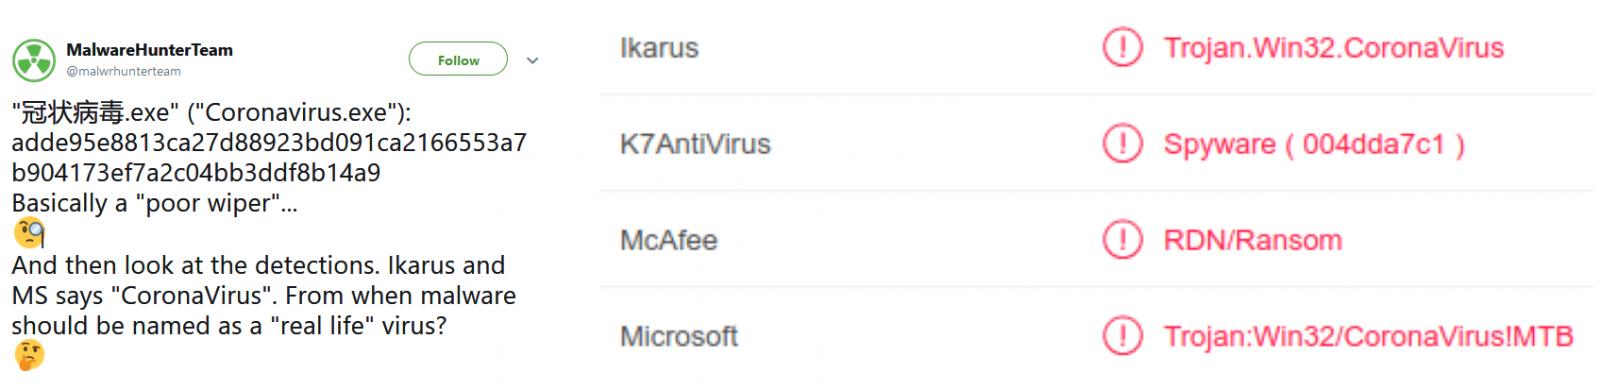 MalwareHunterTeam 'Coronavirus' wiper